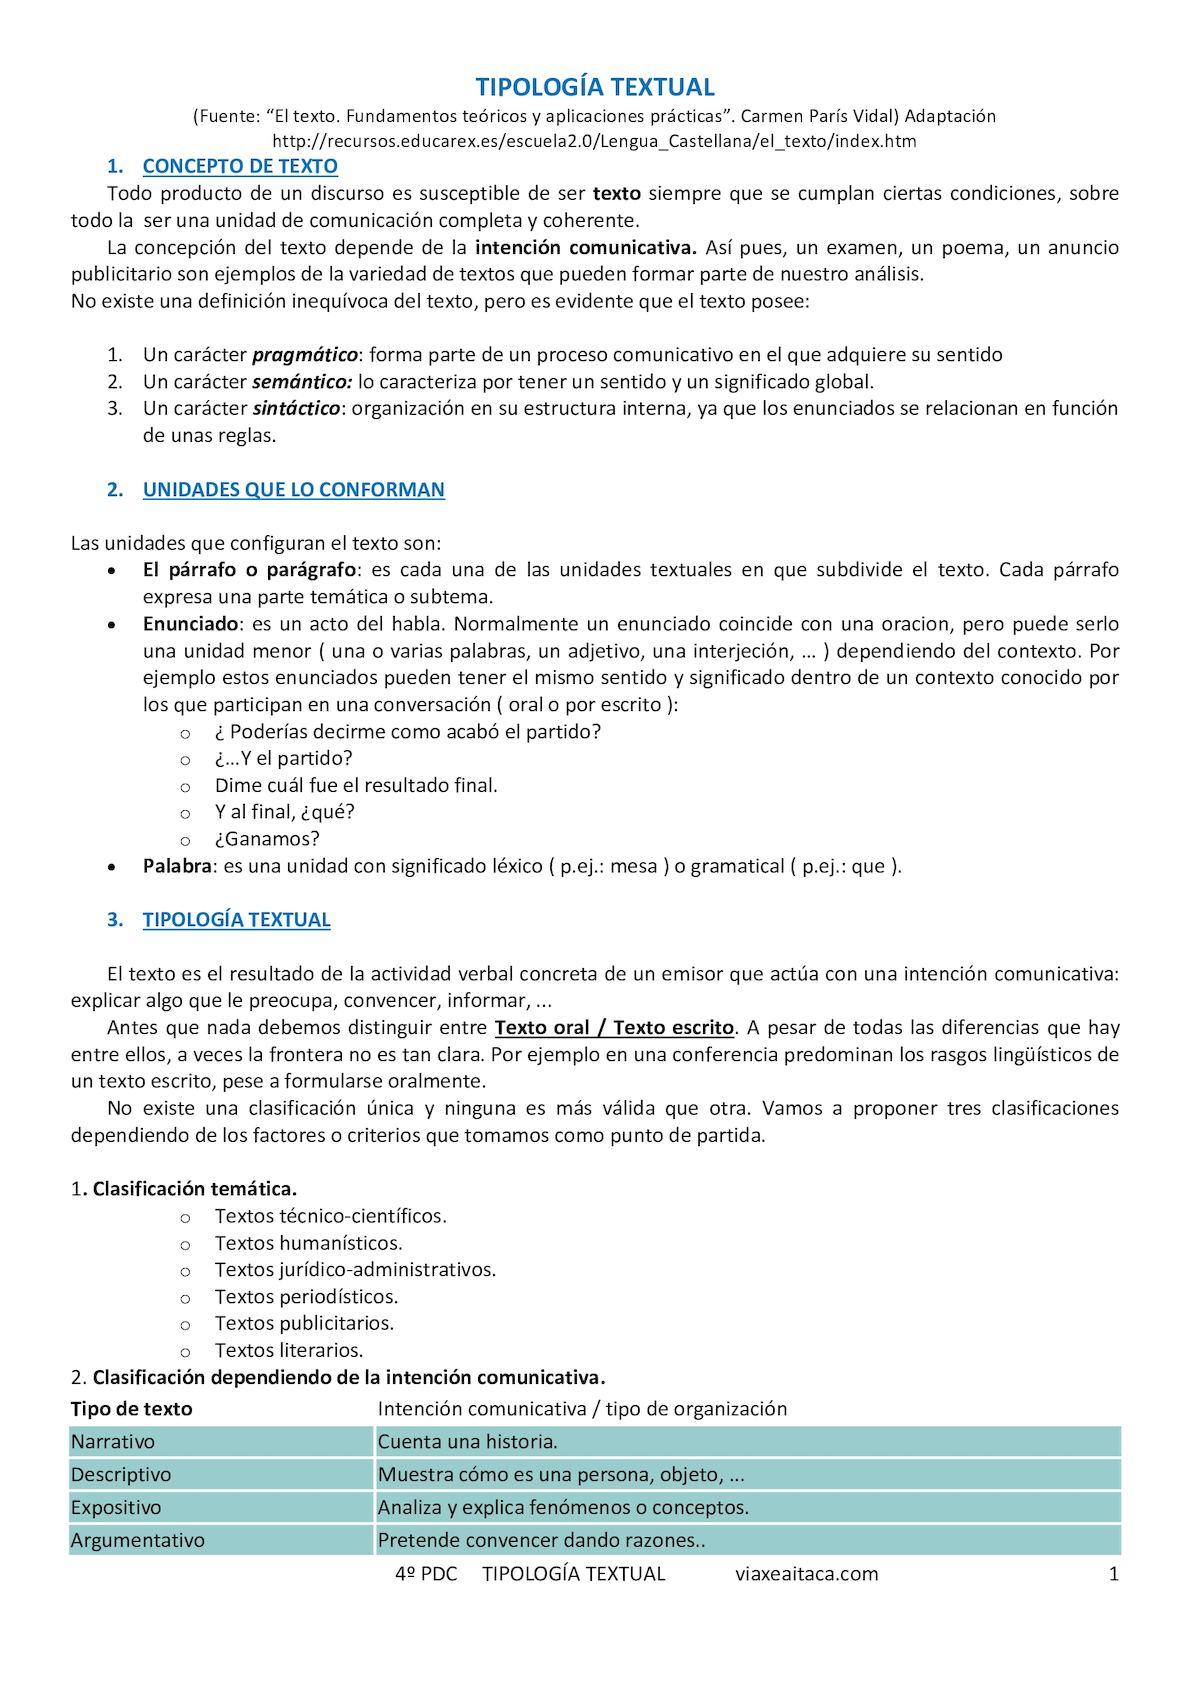 Calaméo Tipologia Textual Sena